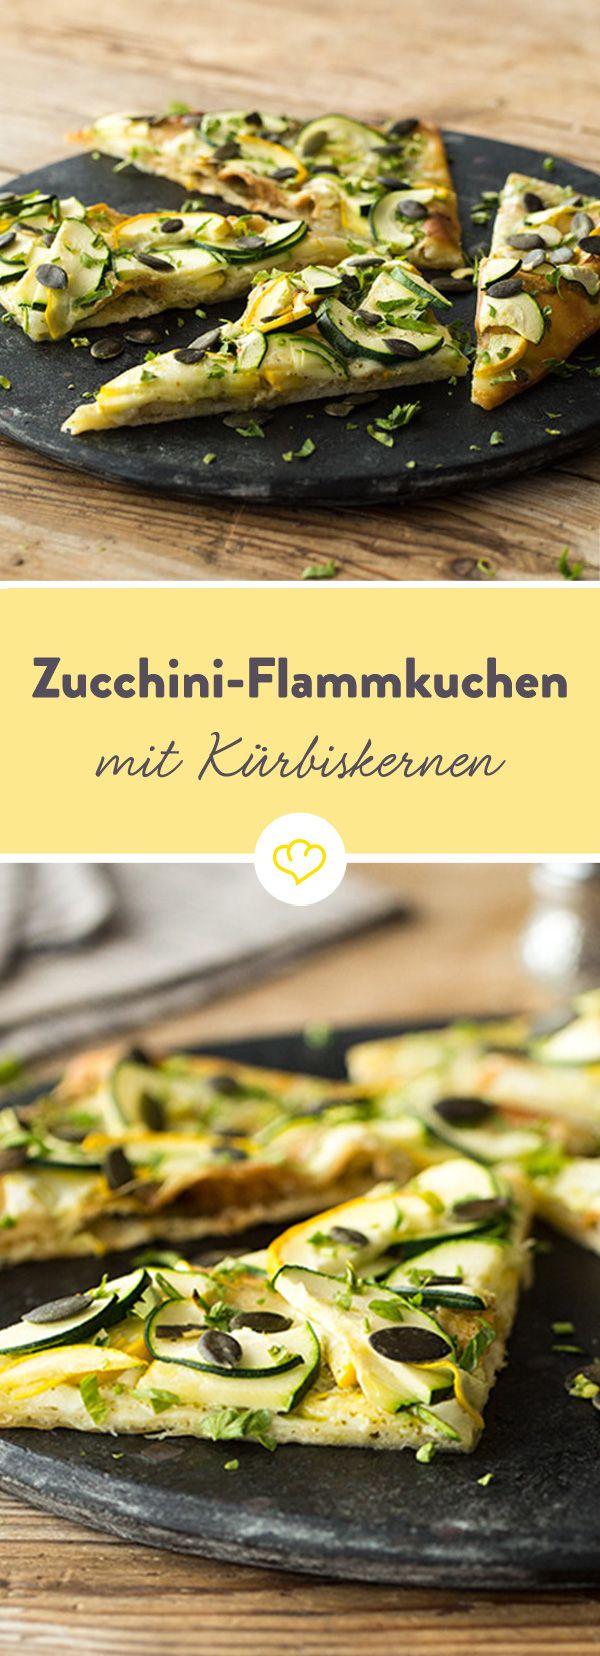 Schnell gemacht mit wenig Zutaten: Zucchini, Pesto, Mozzarella und ein paar…